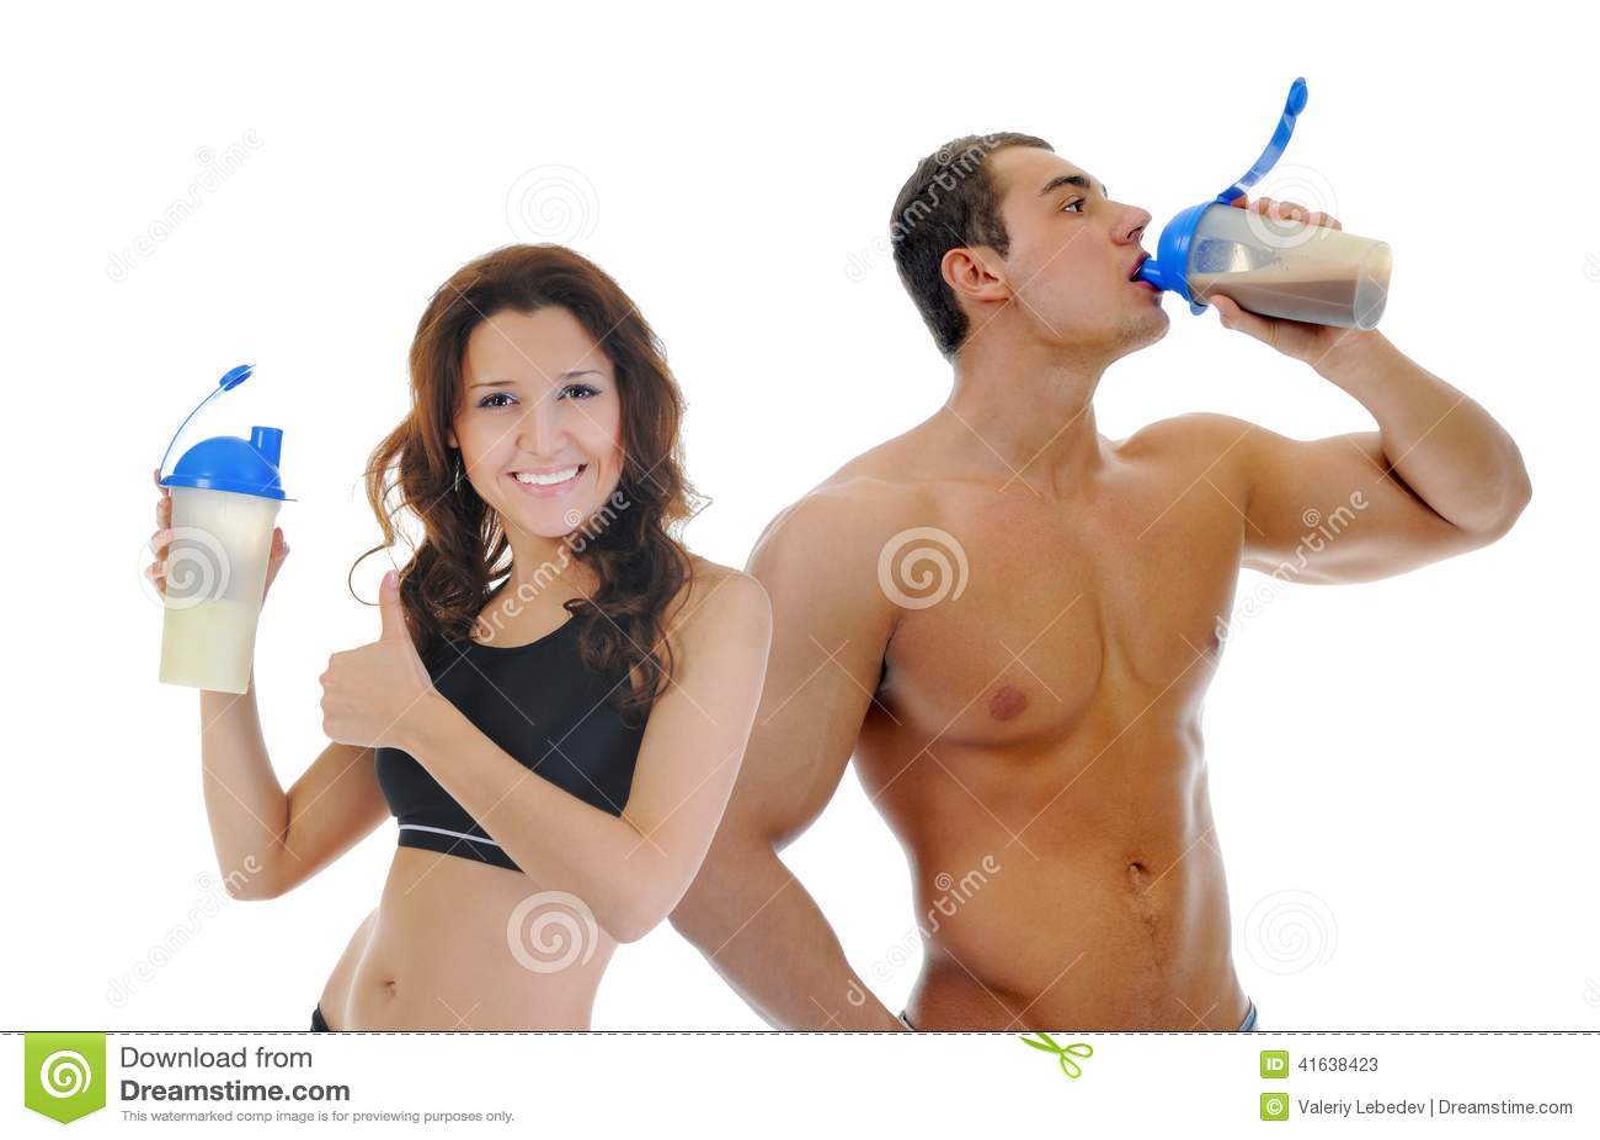 Протеиновые коктейли и сперма 18 фотография